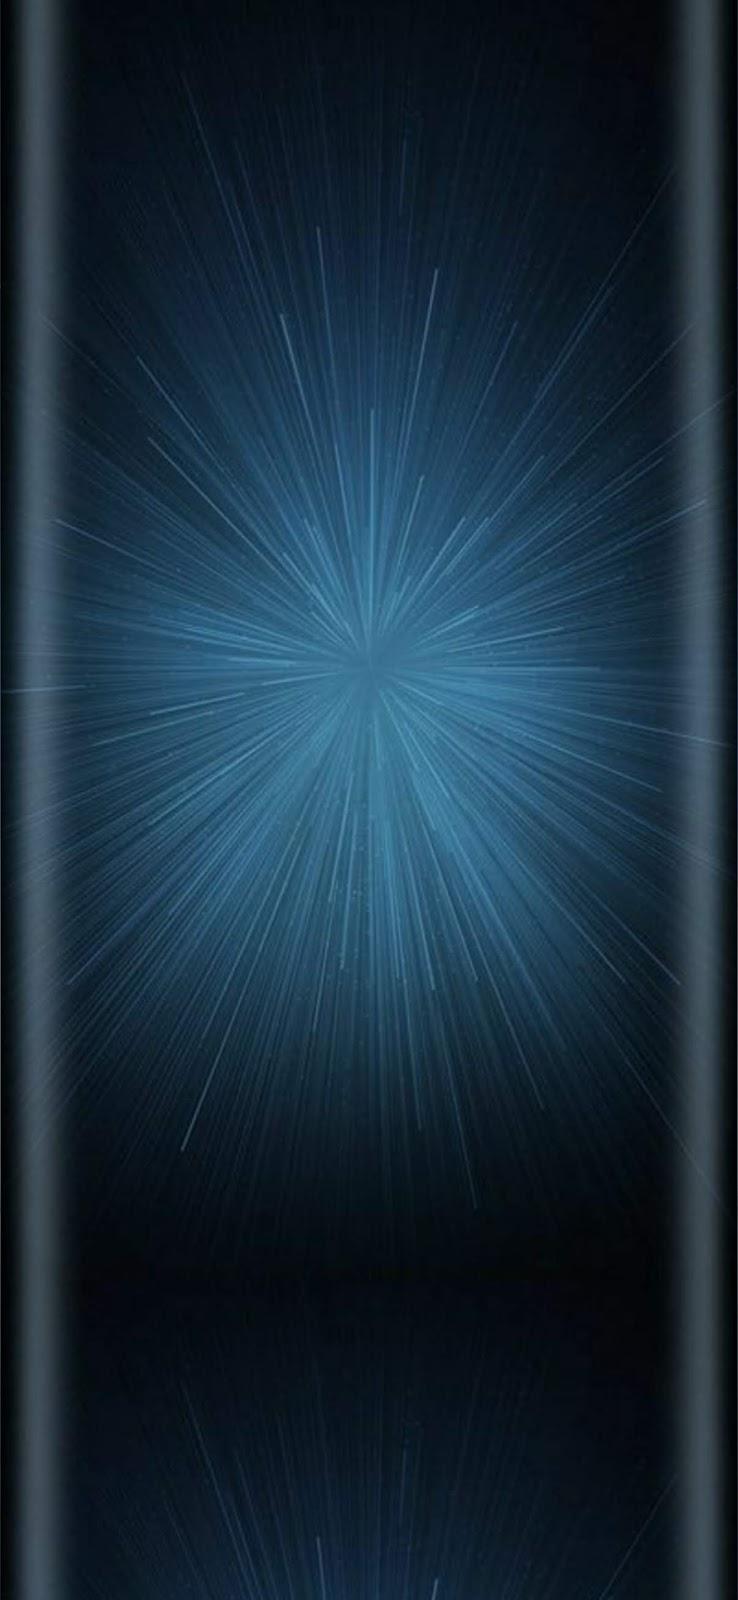 اجمل خلفيات هواتف تكنو الذكية الجديدة Tecno Best Wallpaper Hd 2020